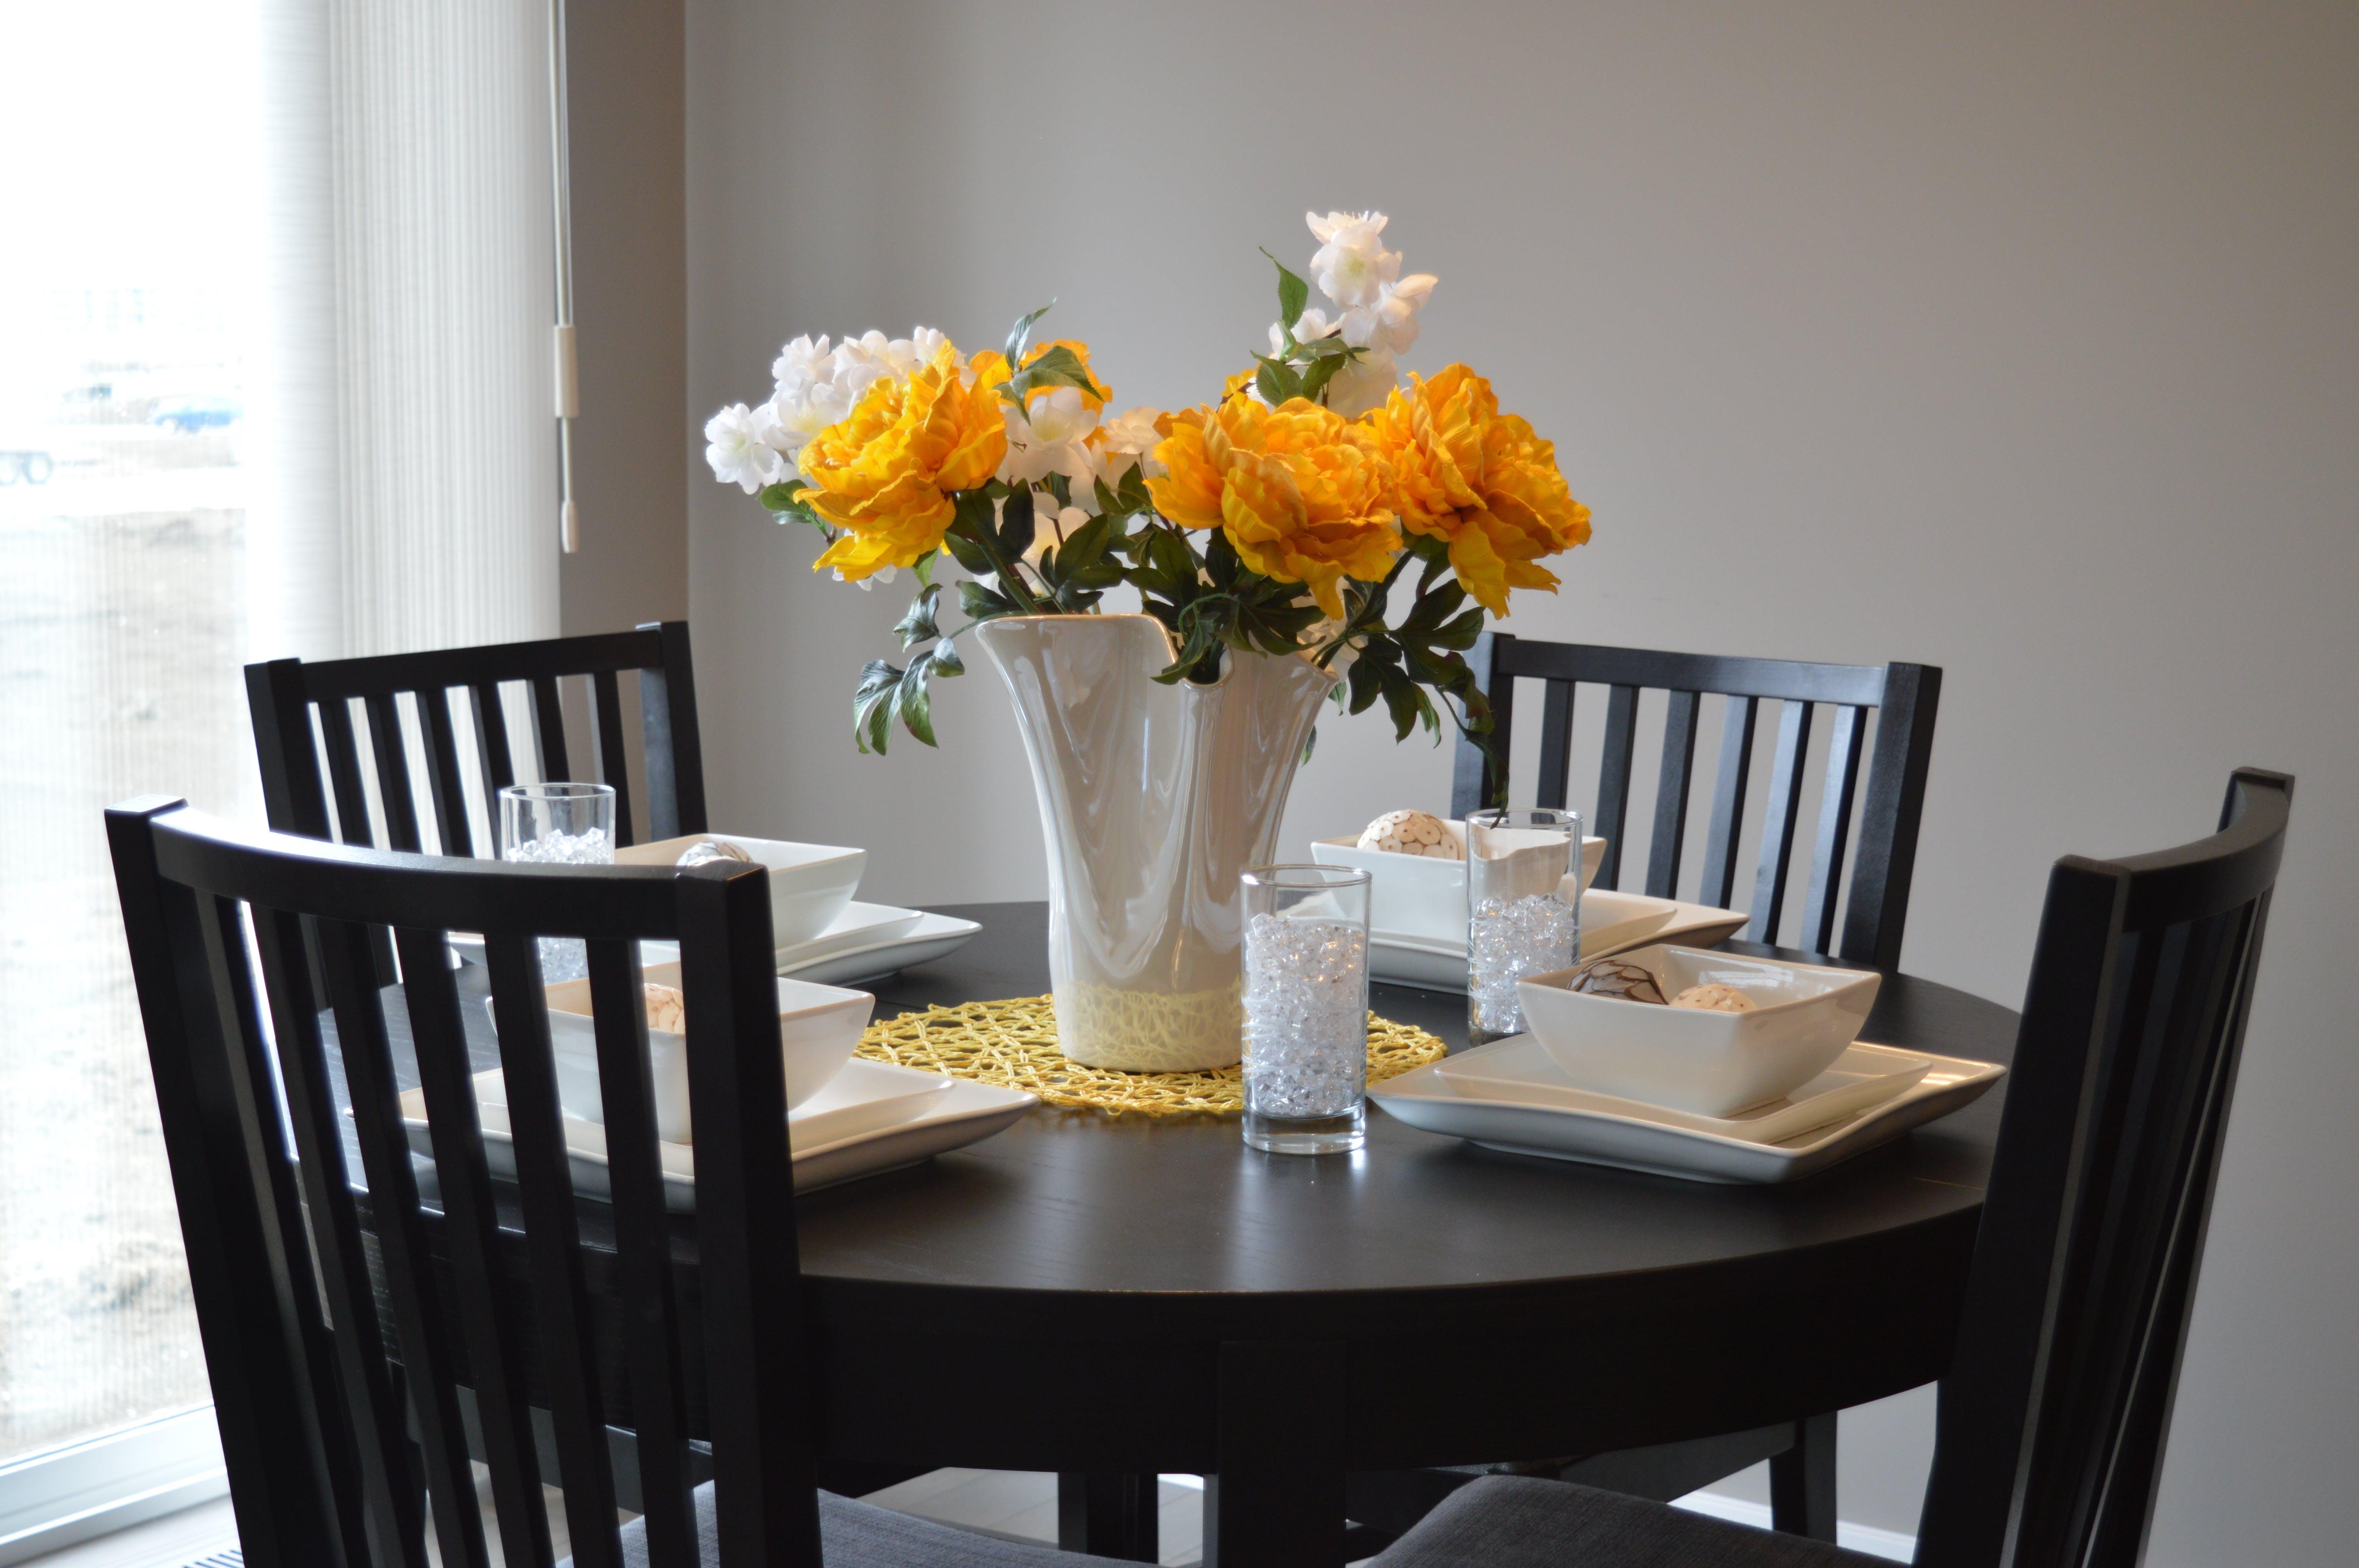 White Ceramic Vase on Dining Table